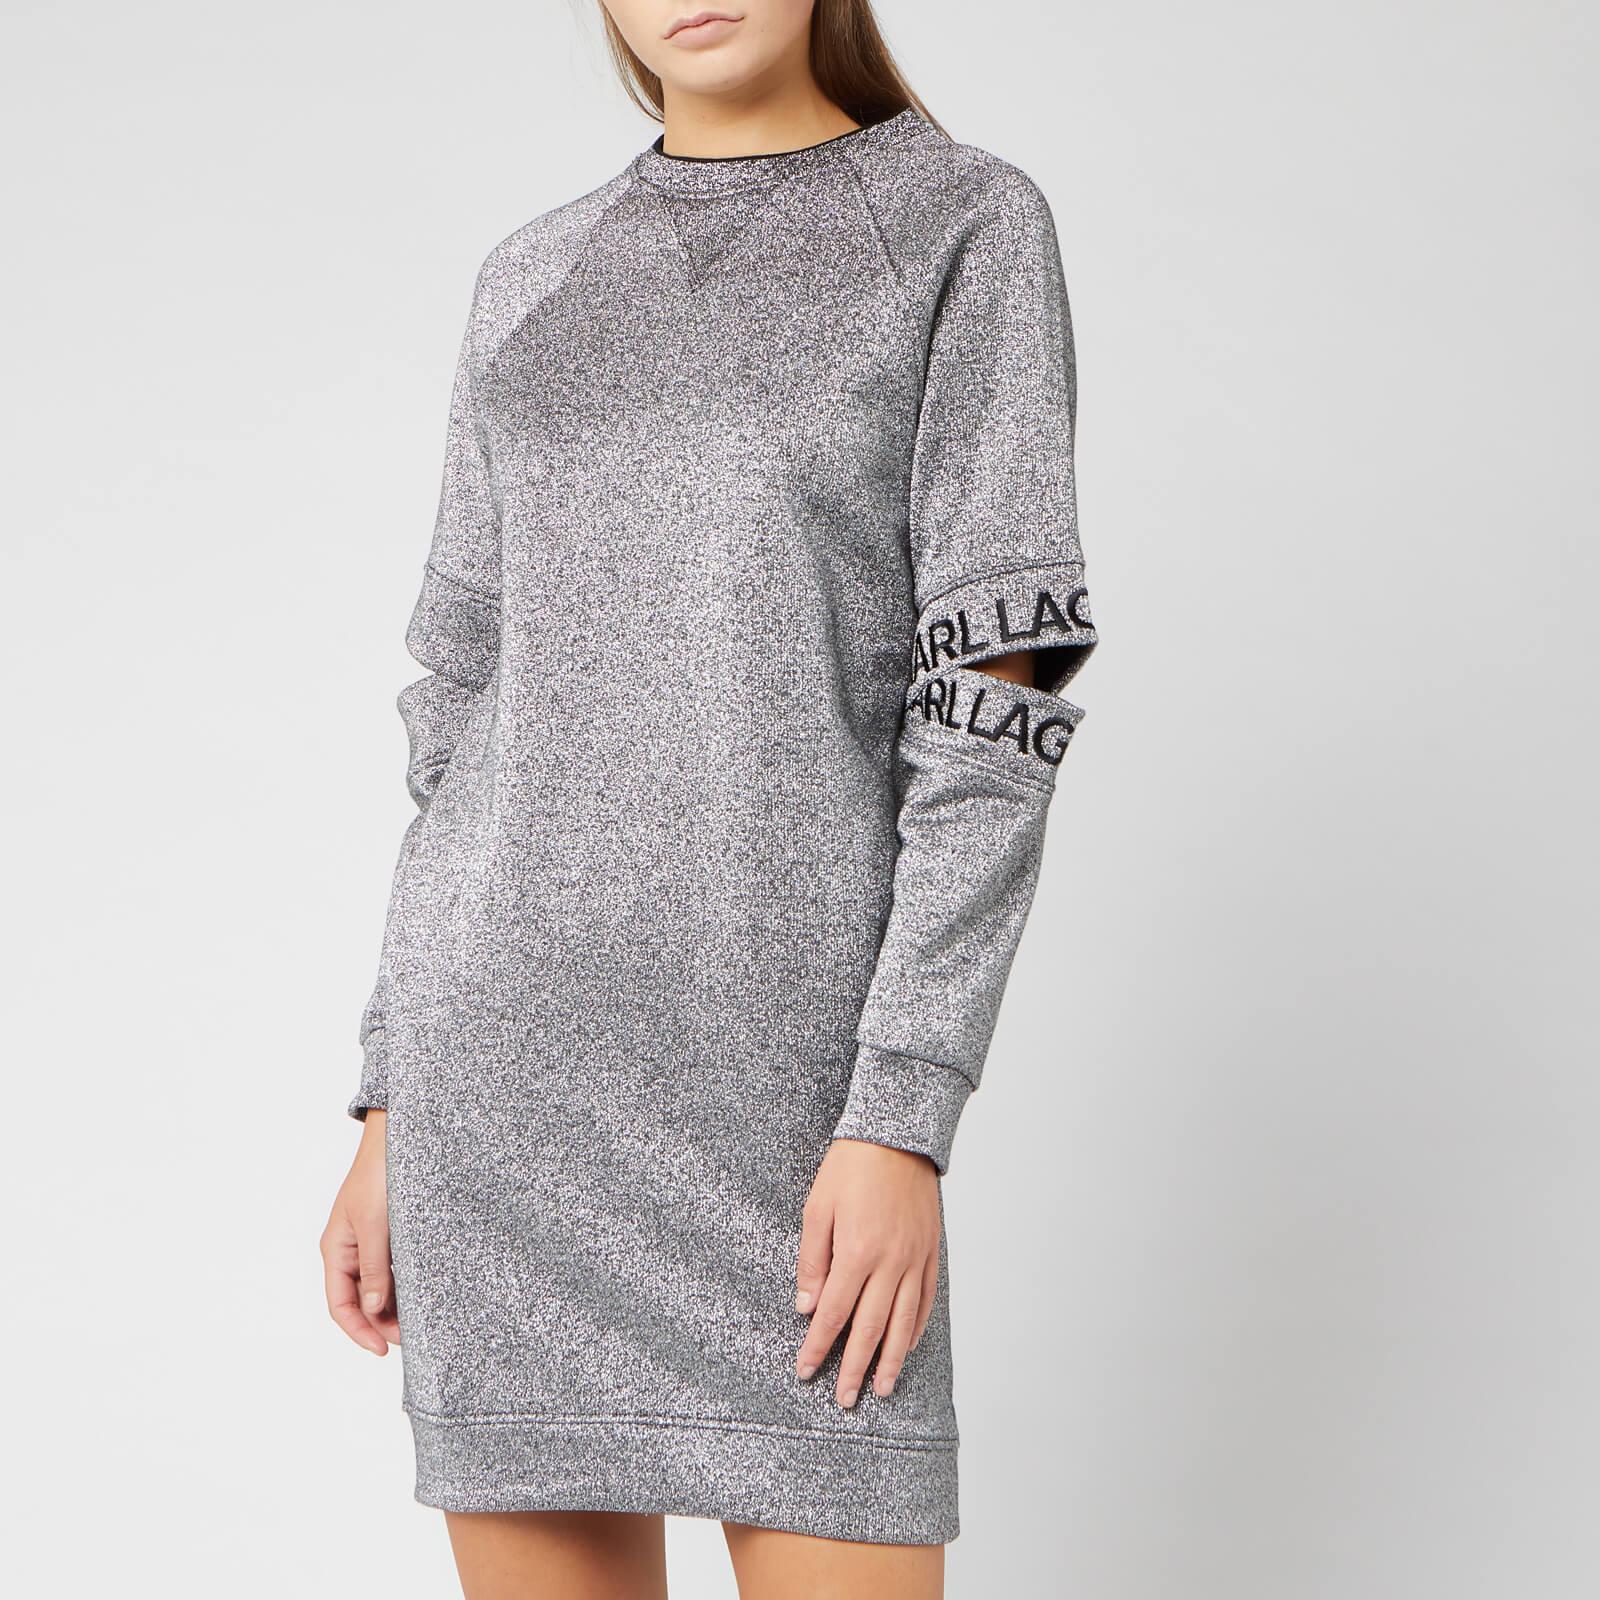 Karl Lagerfeld Women's Cut Out Sleeve Sweat Dress - Silver - XS